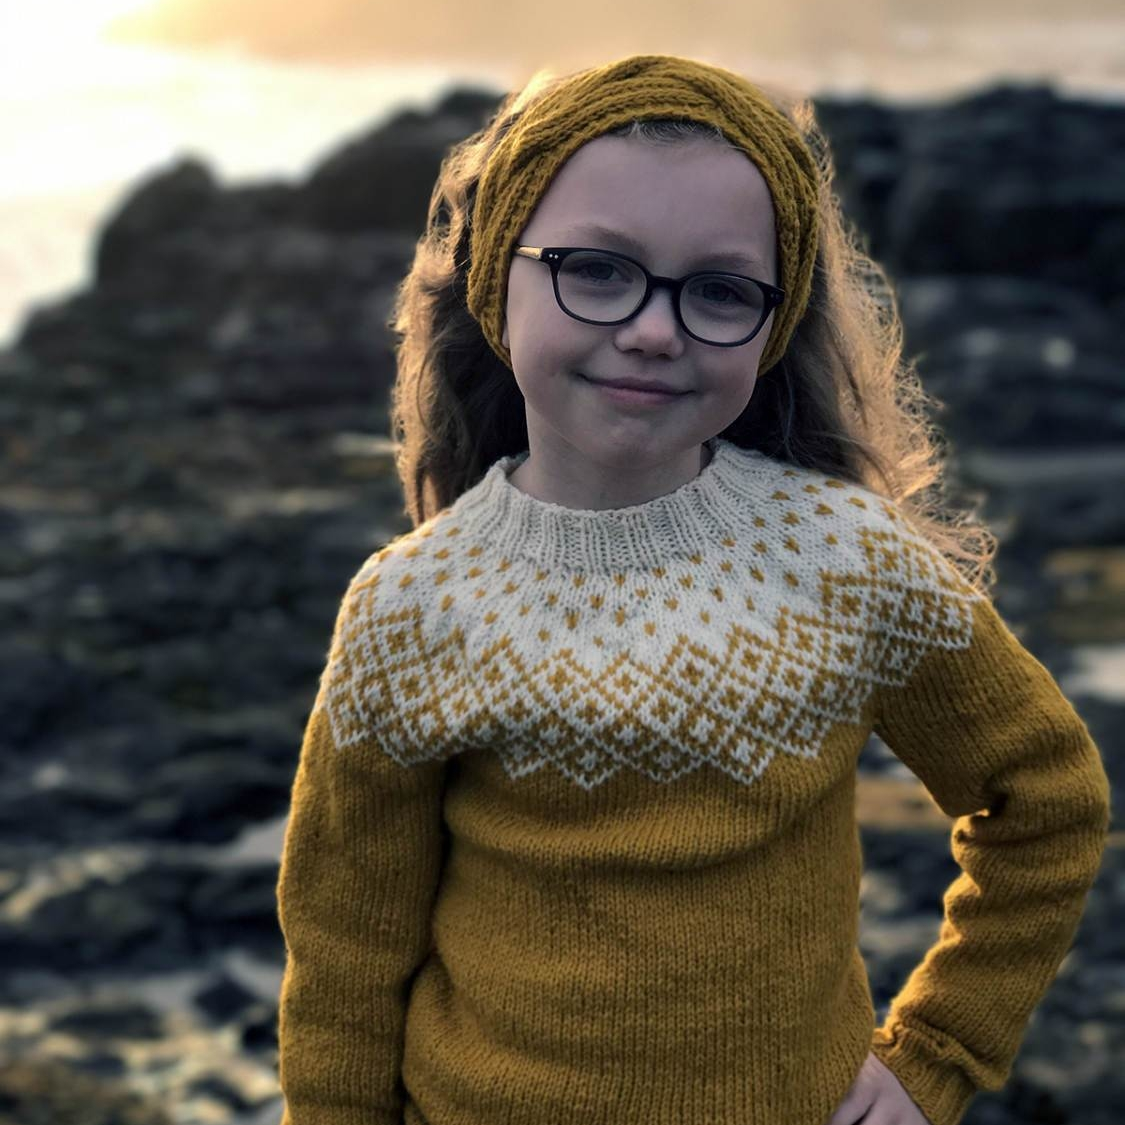 boheme kids sweater.jpg